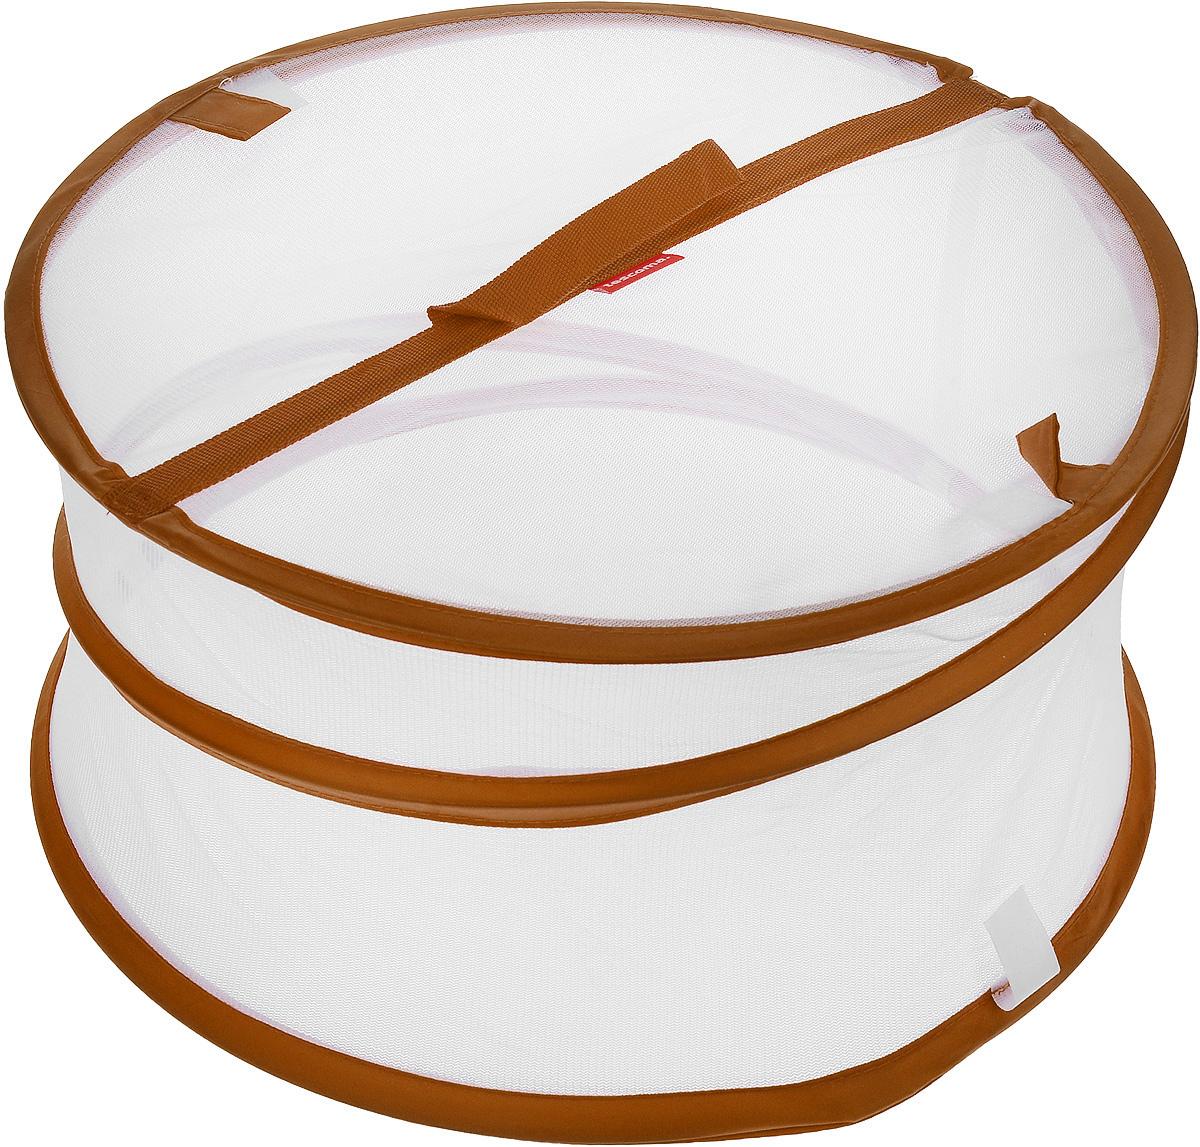 Крышка для пищевых продуктов Tescoma Delicia, складная, цвет: белый, коричневый, диаметр 35 см68/5/3Крышка для пищевых продуктов Tescoma Delicia защитит еду от пыли и насекомых дома и на открытом воздухе. Крышка изготовлена из сетчатого текстиля и оснащена гибким металлическим каркасом. Просто составьте посуду с едой и накройте ее крышкой. Для легкого доступа изделие снабжено откидным верхом на липучке. Крышка легко складывается и раскладывается, при хранении занимает минимум пространства. Высота в разложенном виде: 20 см. Высота в сложенном виде: 1 см.